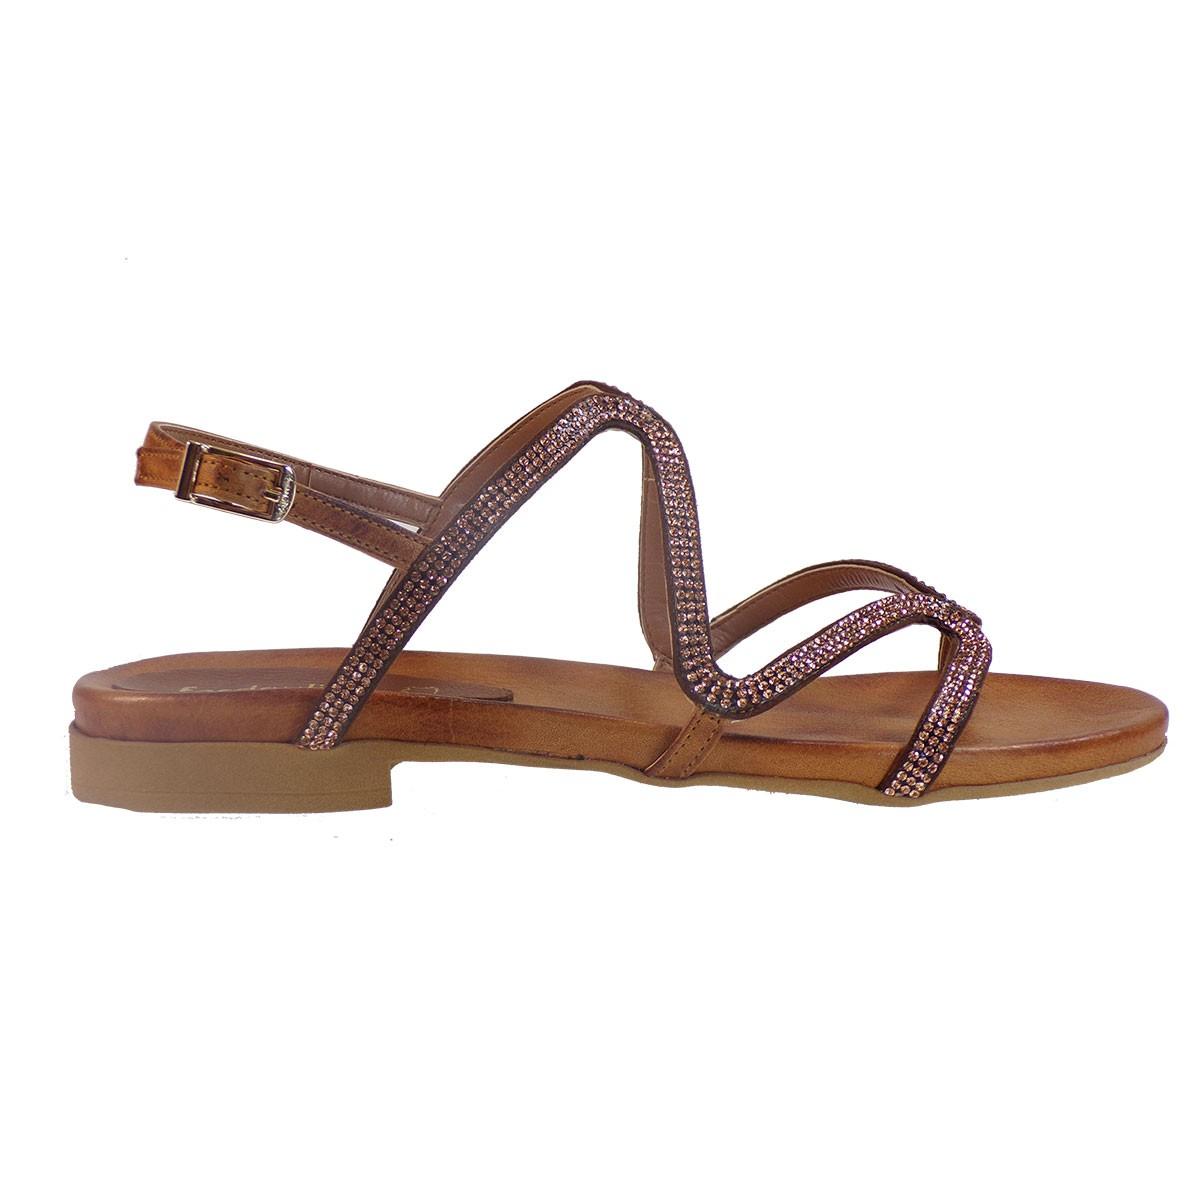 f9eb6f875d3 Fardoulis shoes Γυναικεία Παπούτσια Πέδιλα 32304 Ταμπά Δέρμα